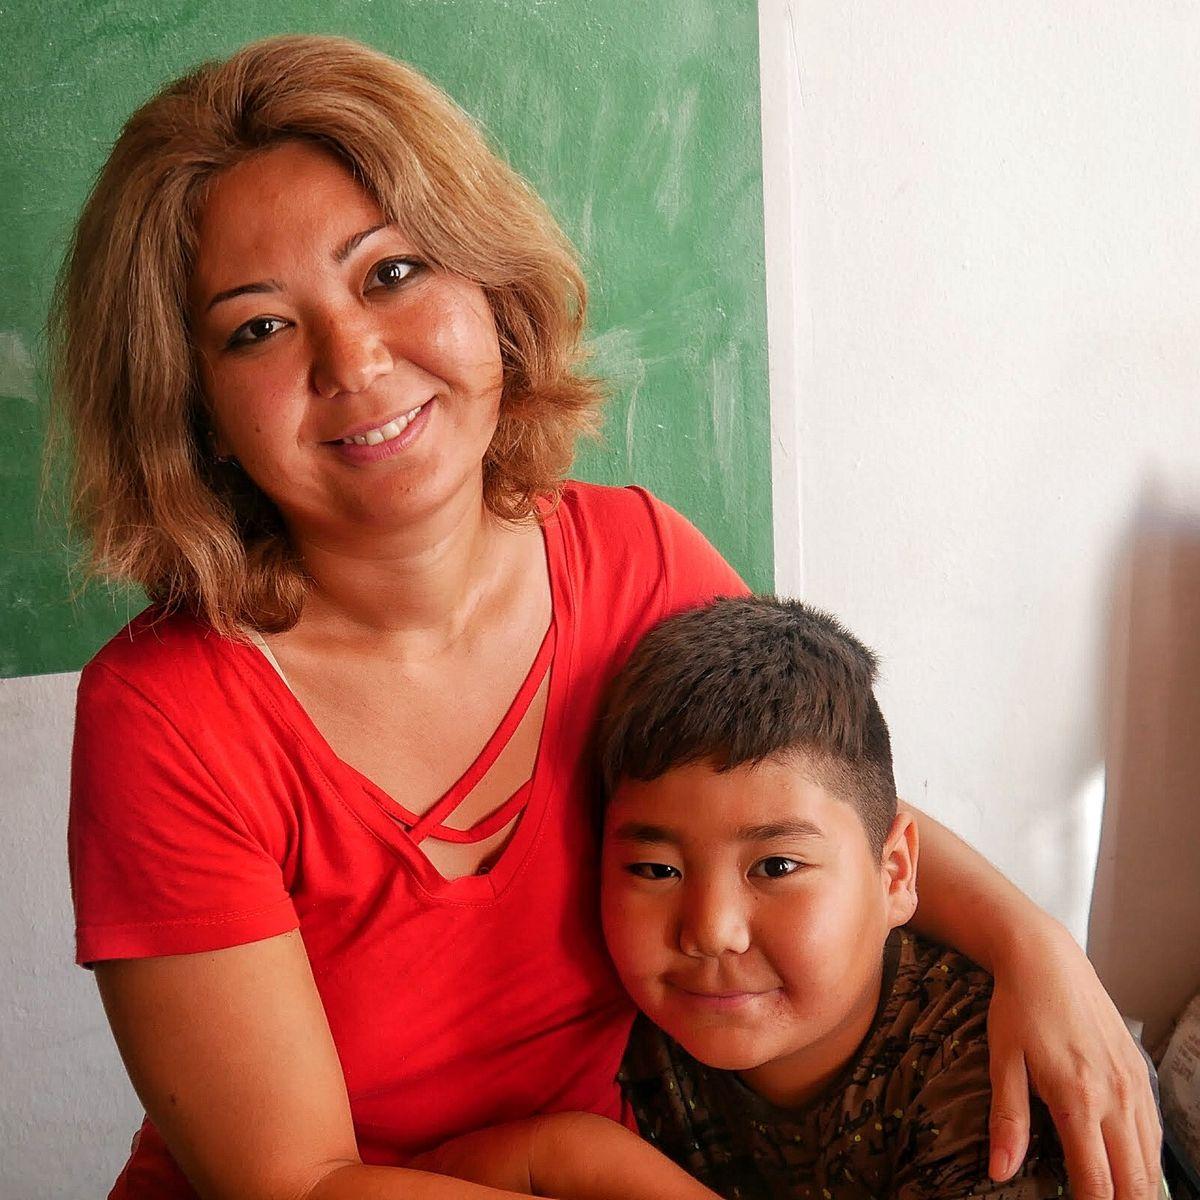 Eine der geflüchteten Frauen mit ihrem Sohn, die Schutz gefunden haben.